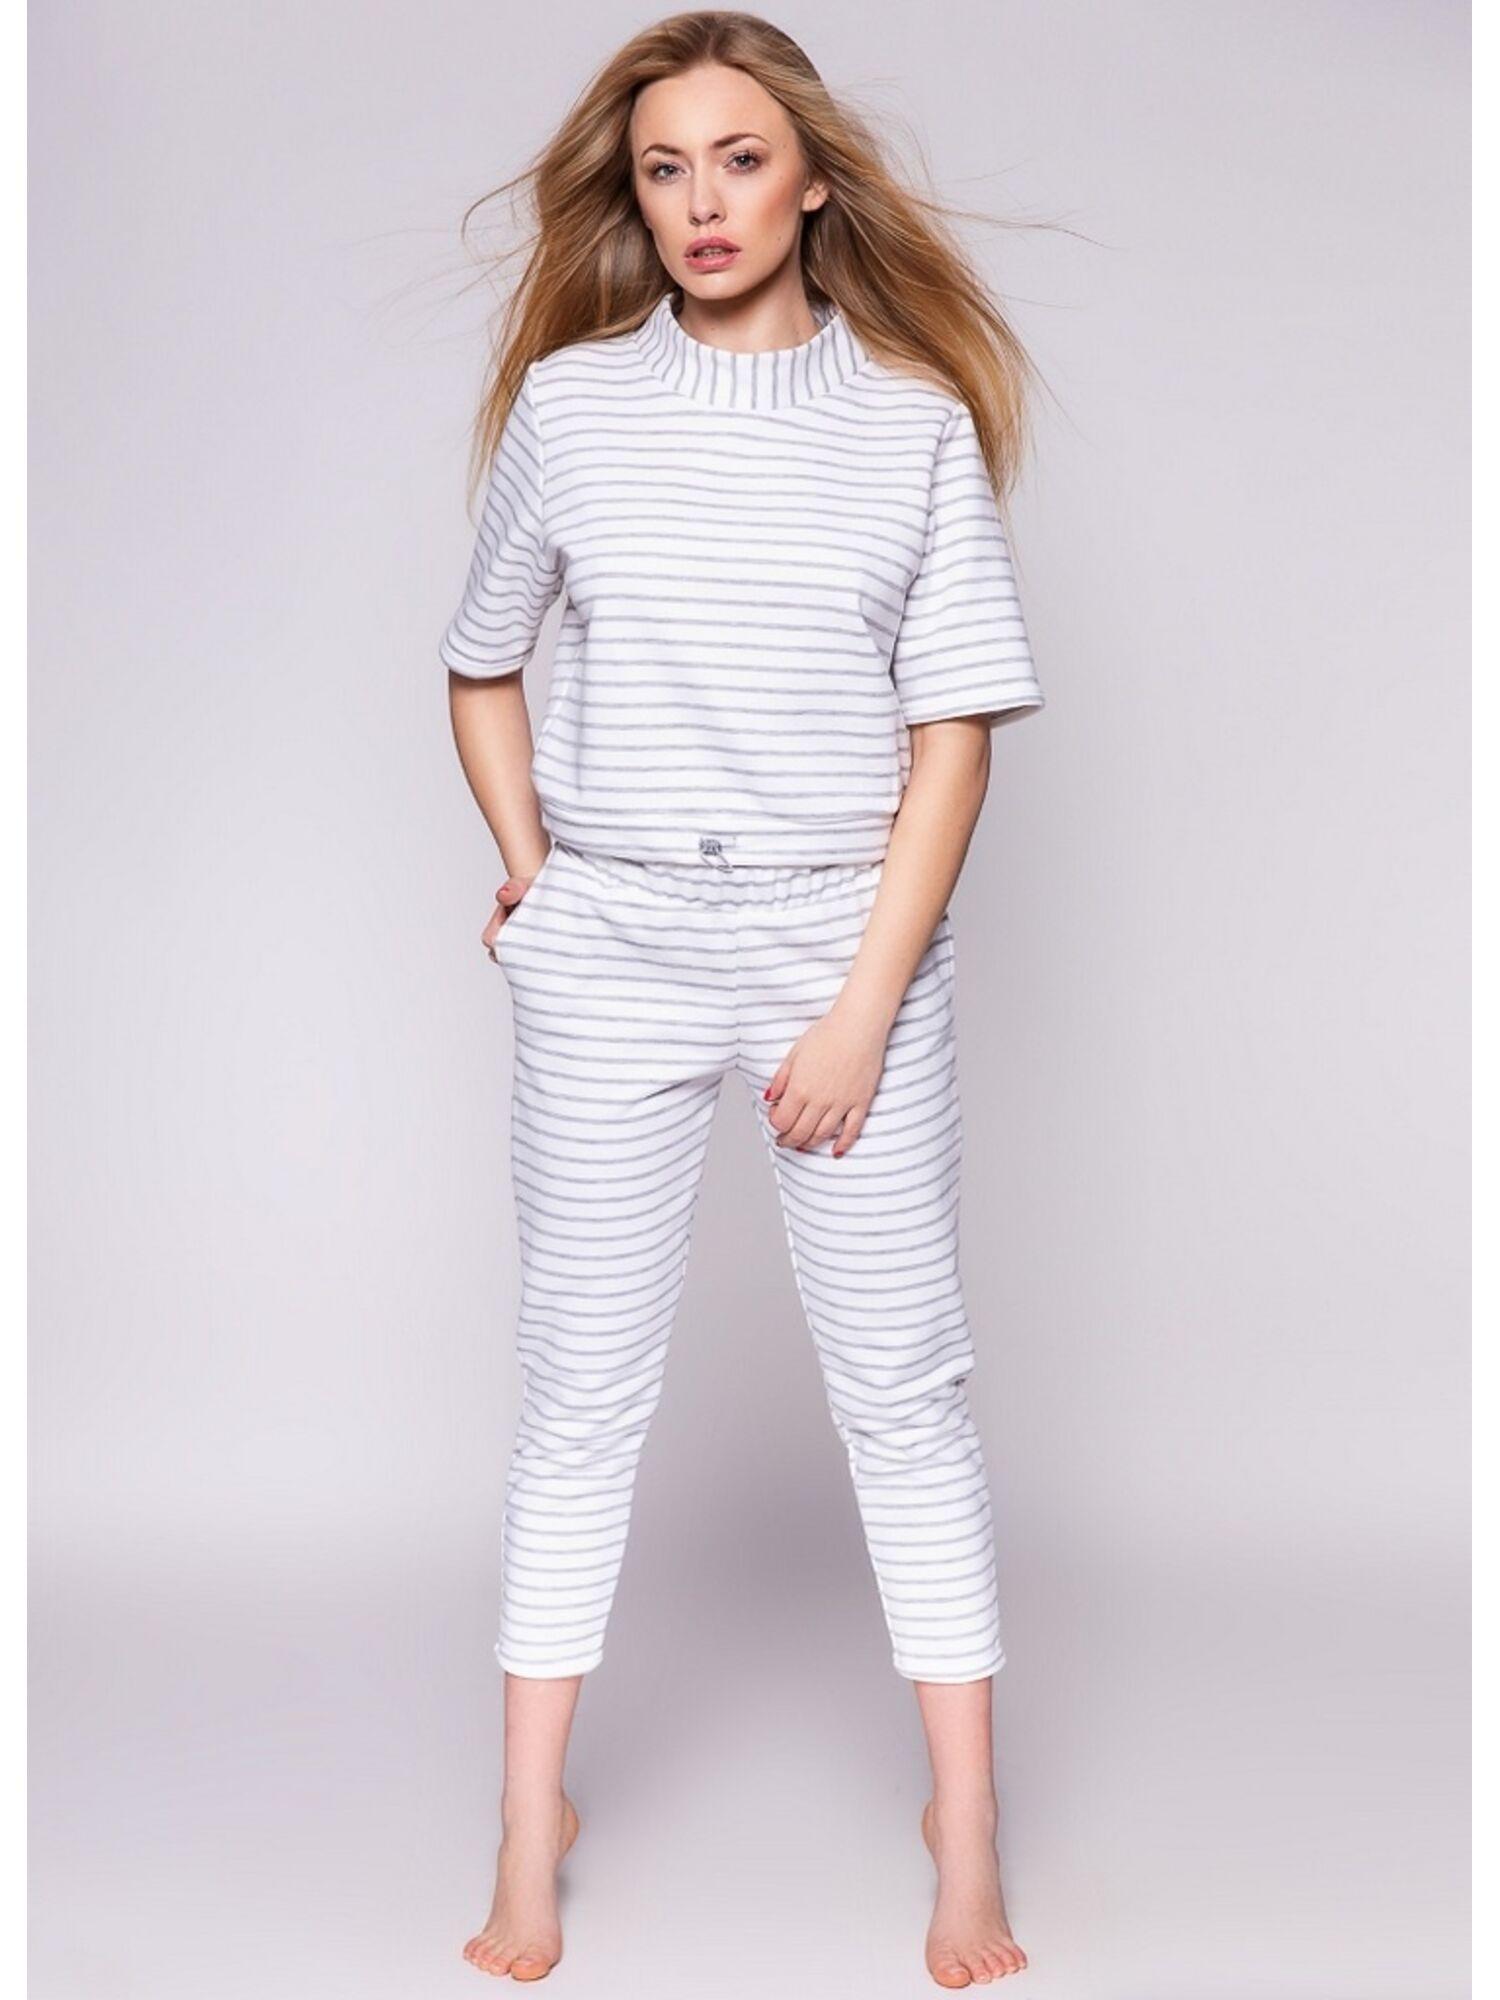 Комплект женский хлопковый со штанами IVETTE (DRES) белый, SENSIS